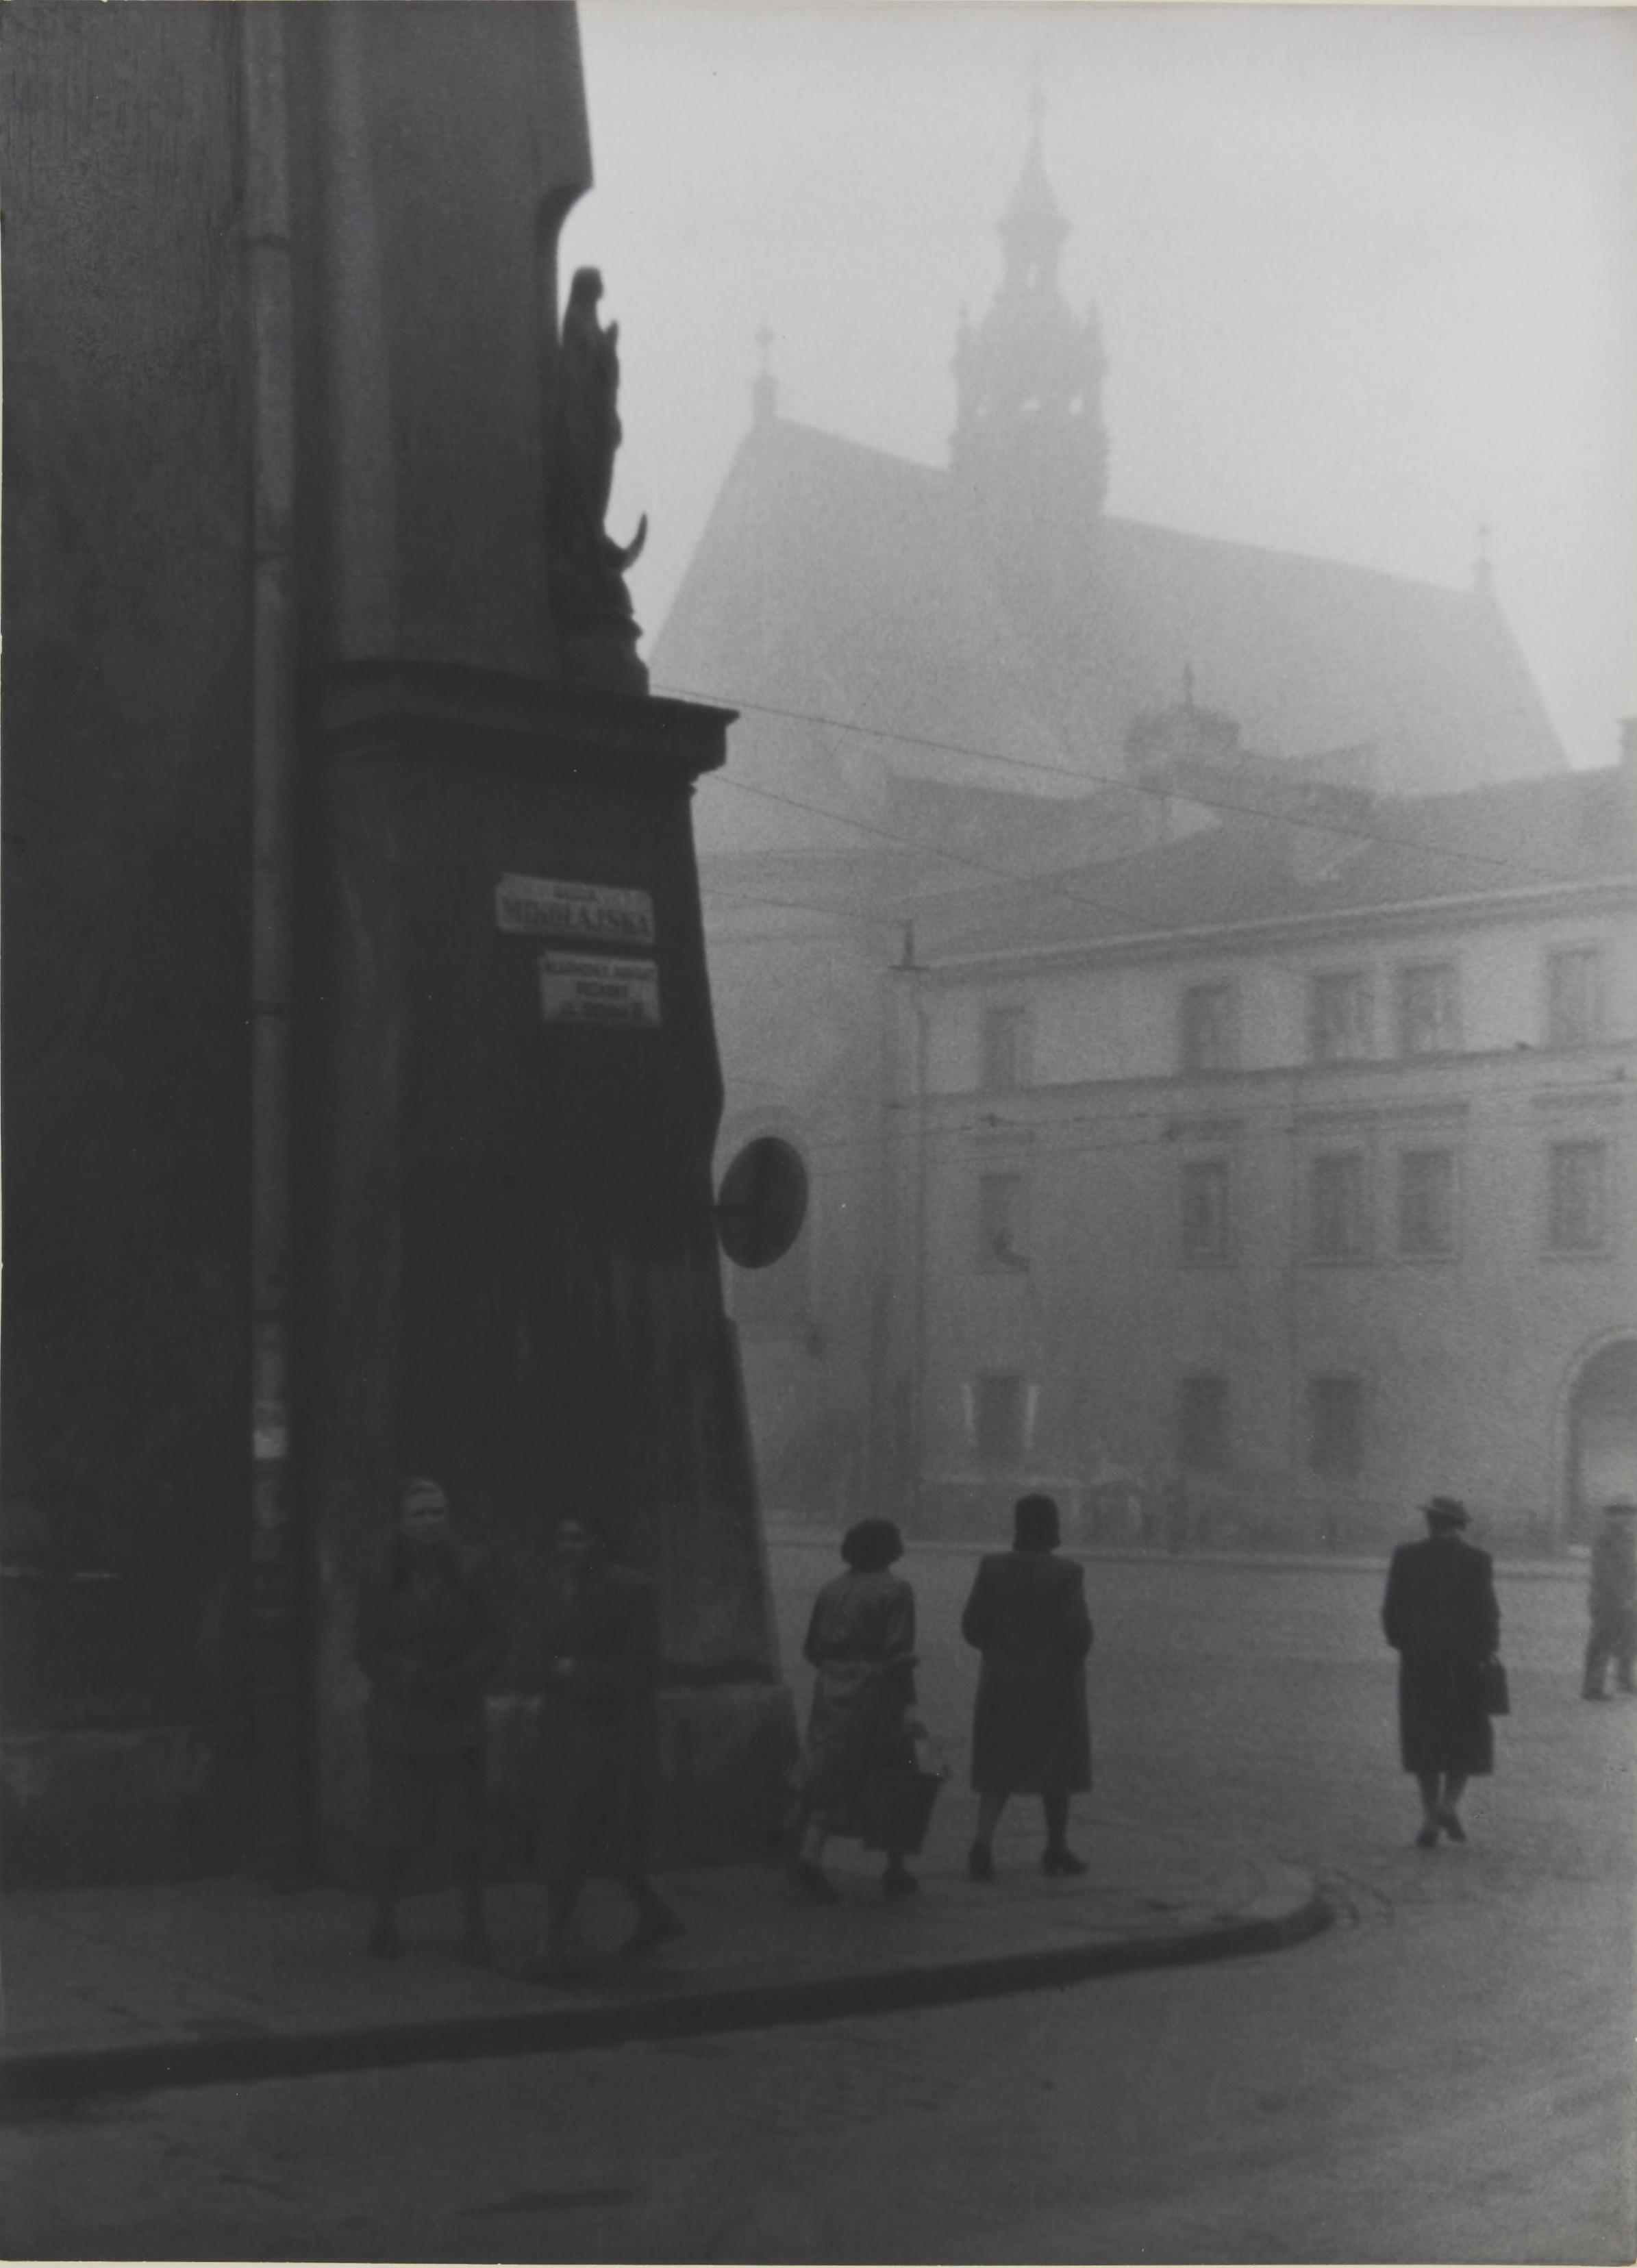 """Ryszard Wiktor Schramm, """"Poranek w Krakowie"""" - wystawa """"Cień socrealizmu"""" (zdjęcie udostępnione przez organizatora)"""